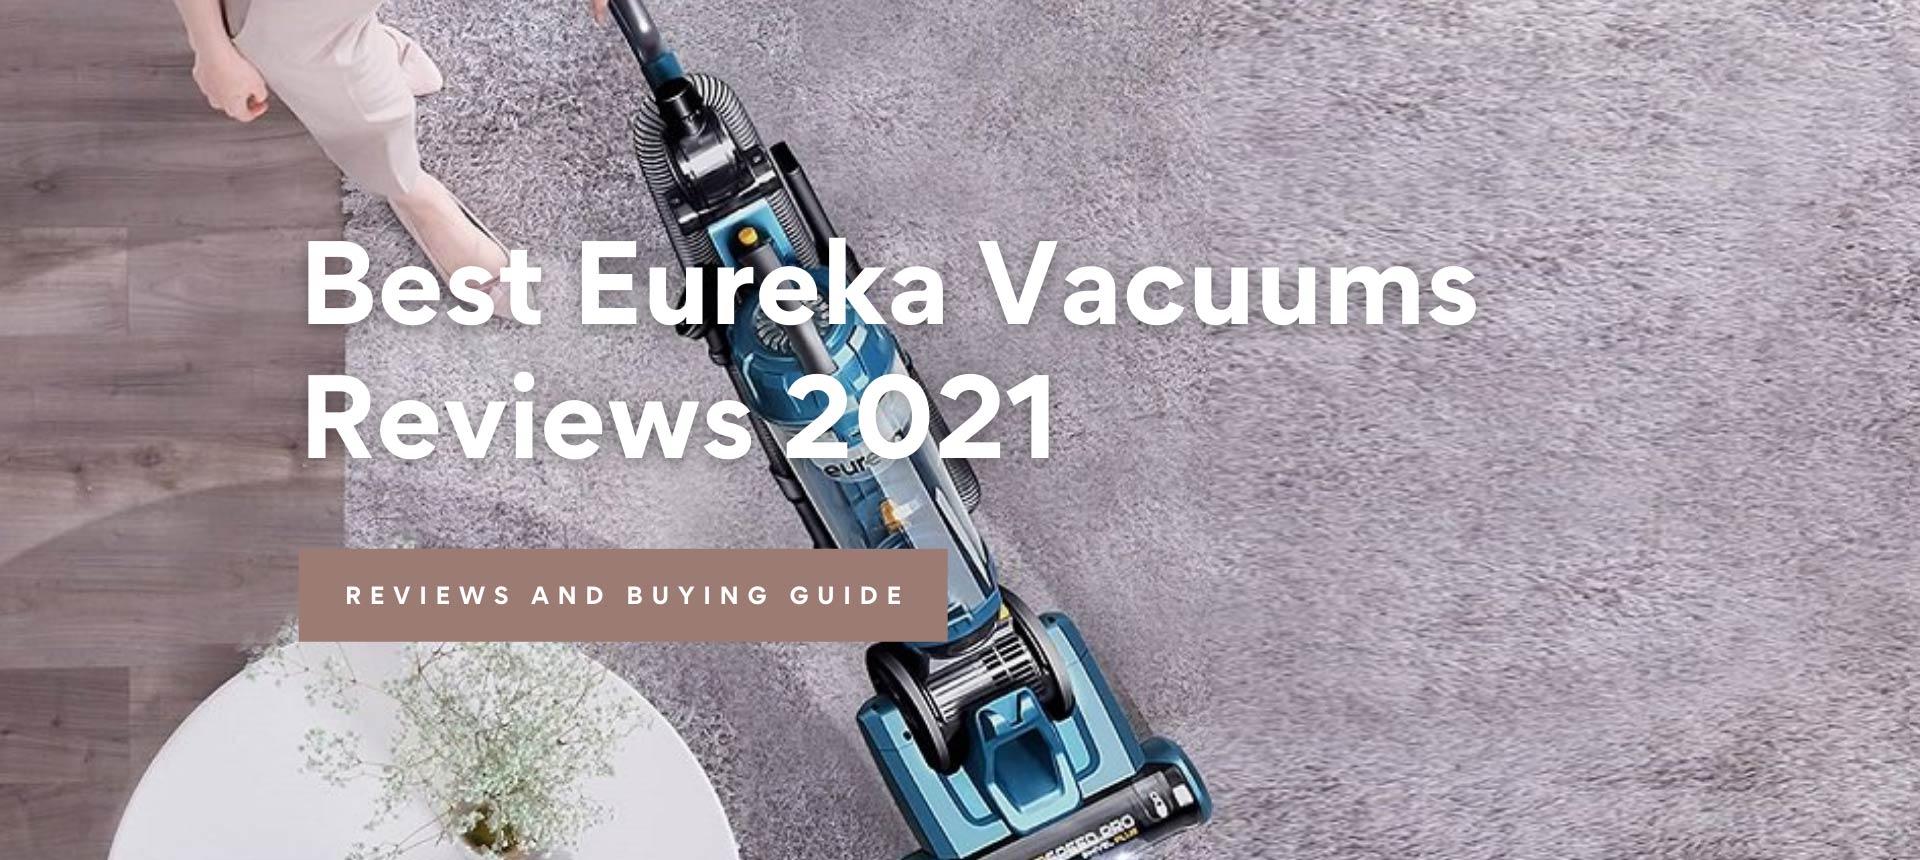 Best Eureka Vacuum Cleaners Reviews 2021